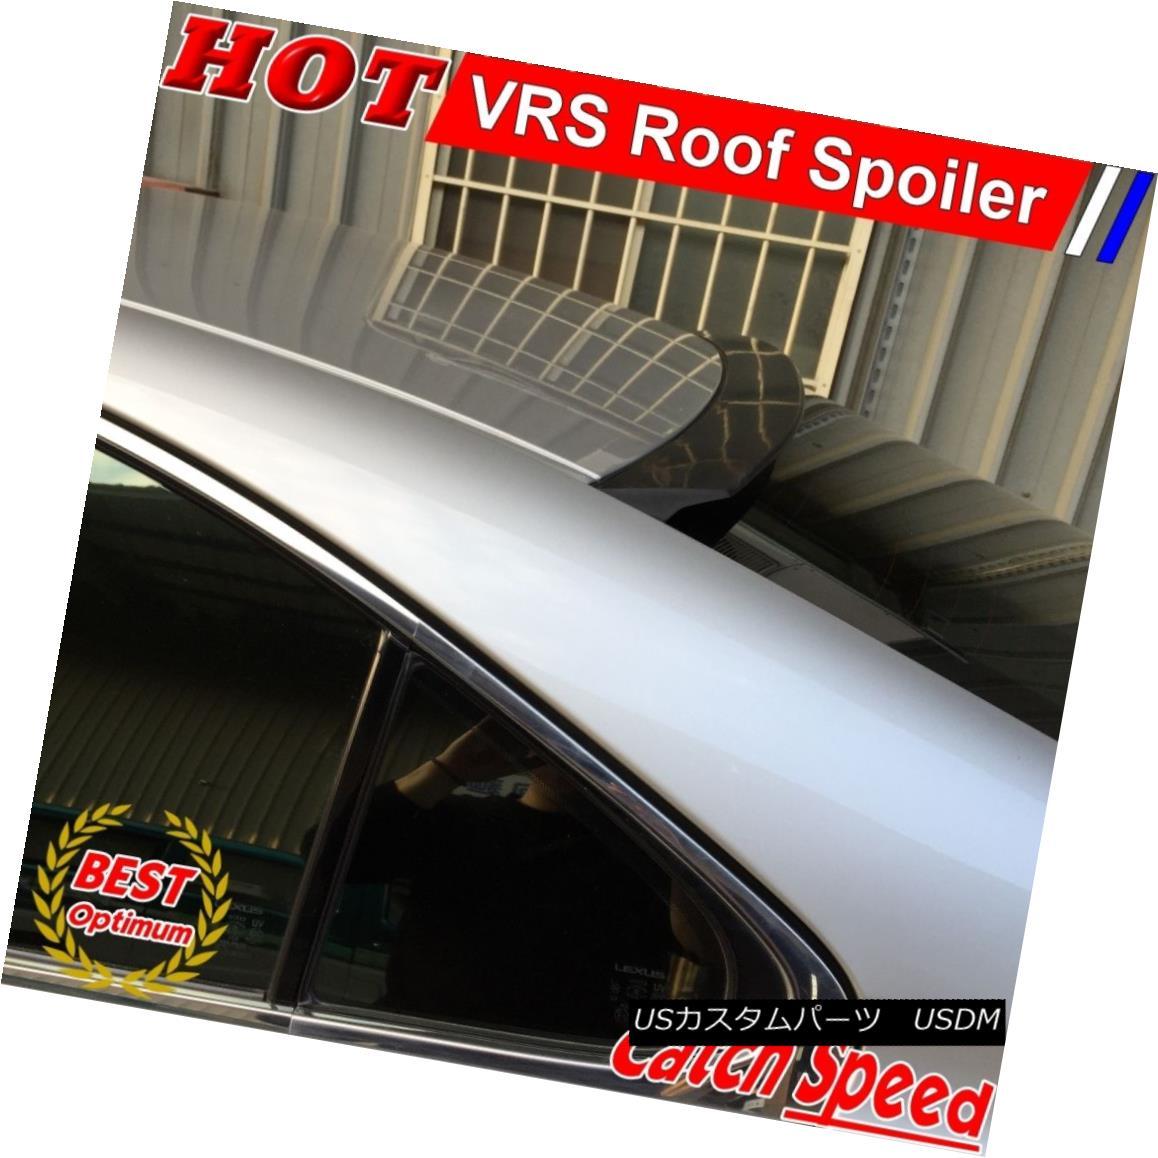 エアロパーツ Flat Black VRS Style Rear Roof Spoiler Wing For Ford Taurus SHO Sedan 2010-2015 Ford Taurus SHOセダン2010-2015用フラットブラックVRSスタイルリアルーフスポイラーウィング